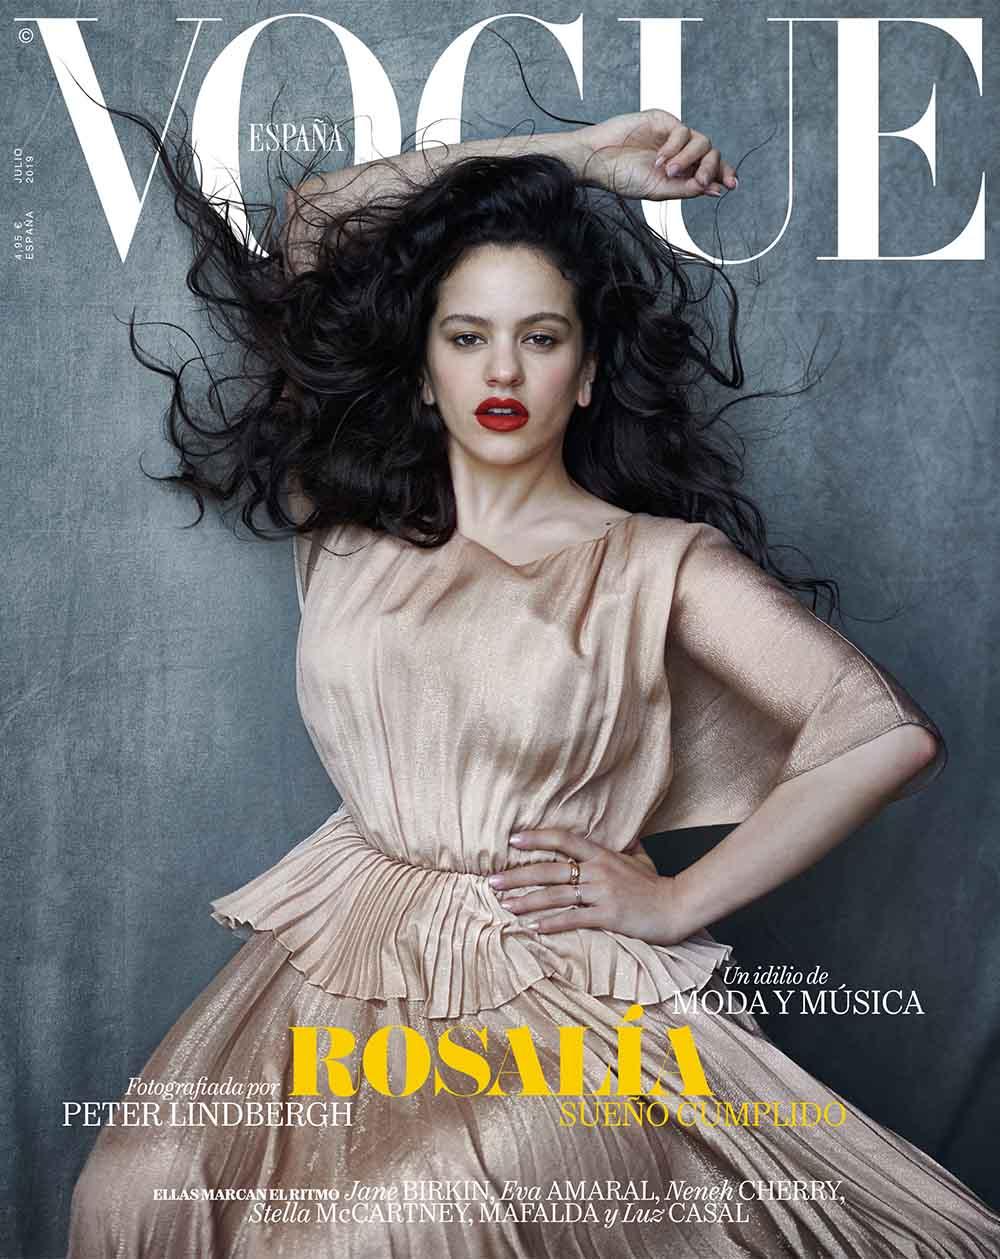 Vogue julio_Rosalía por Peter Lindbergh